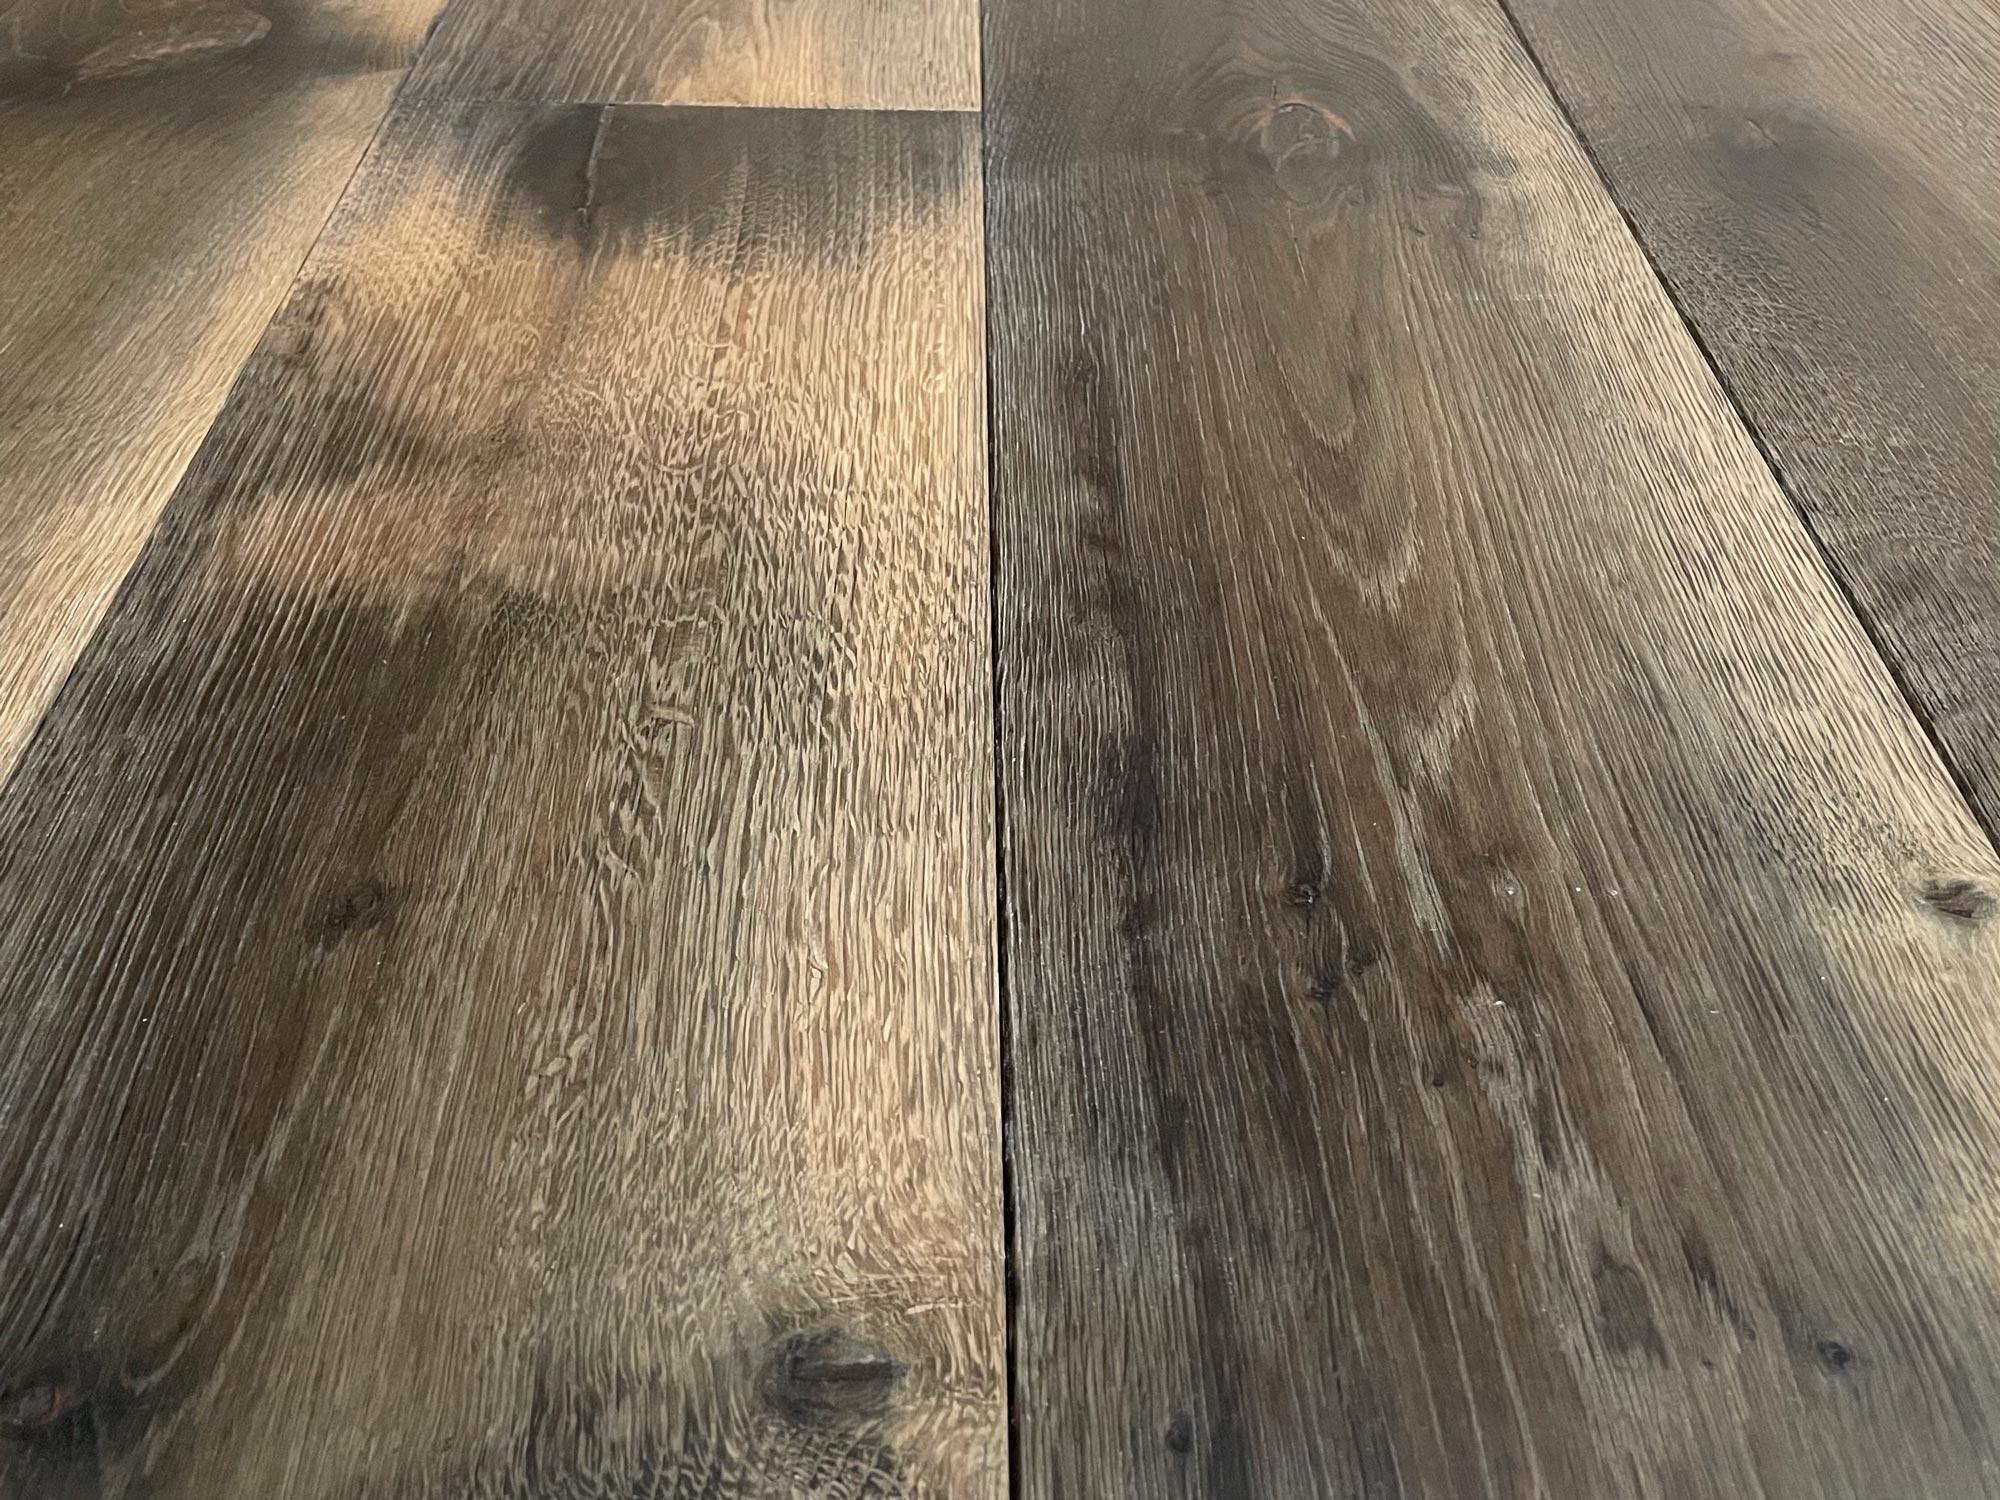 Old Tobacco Floor Boards